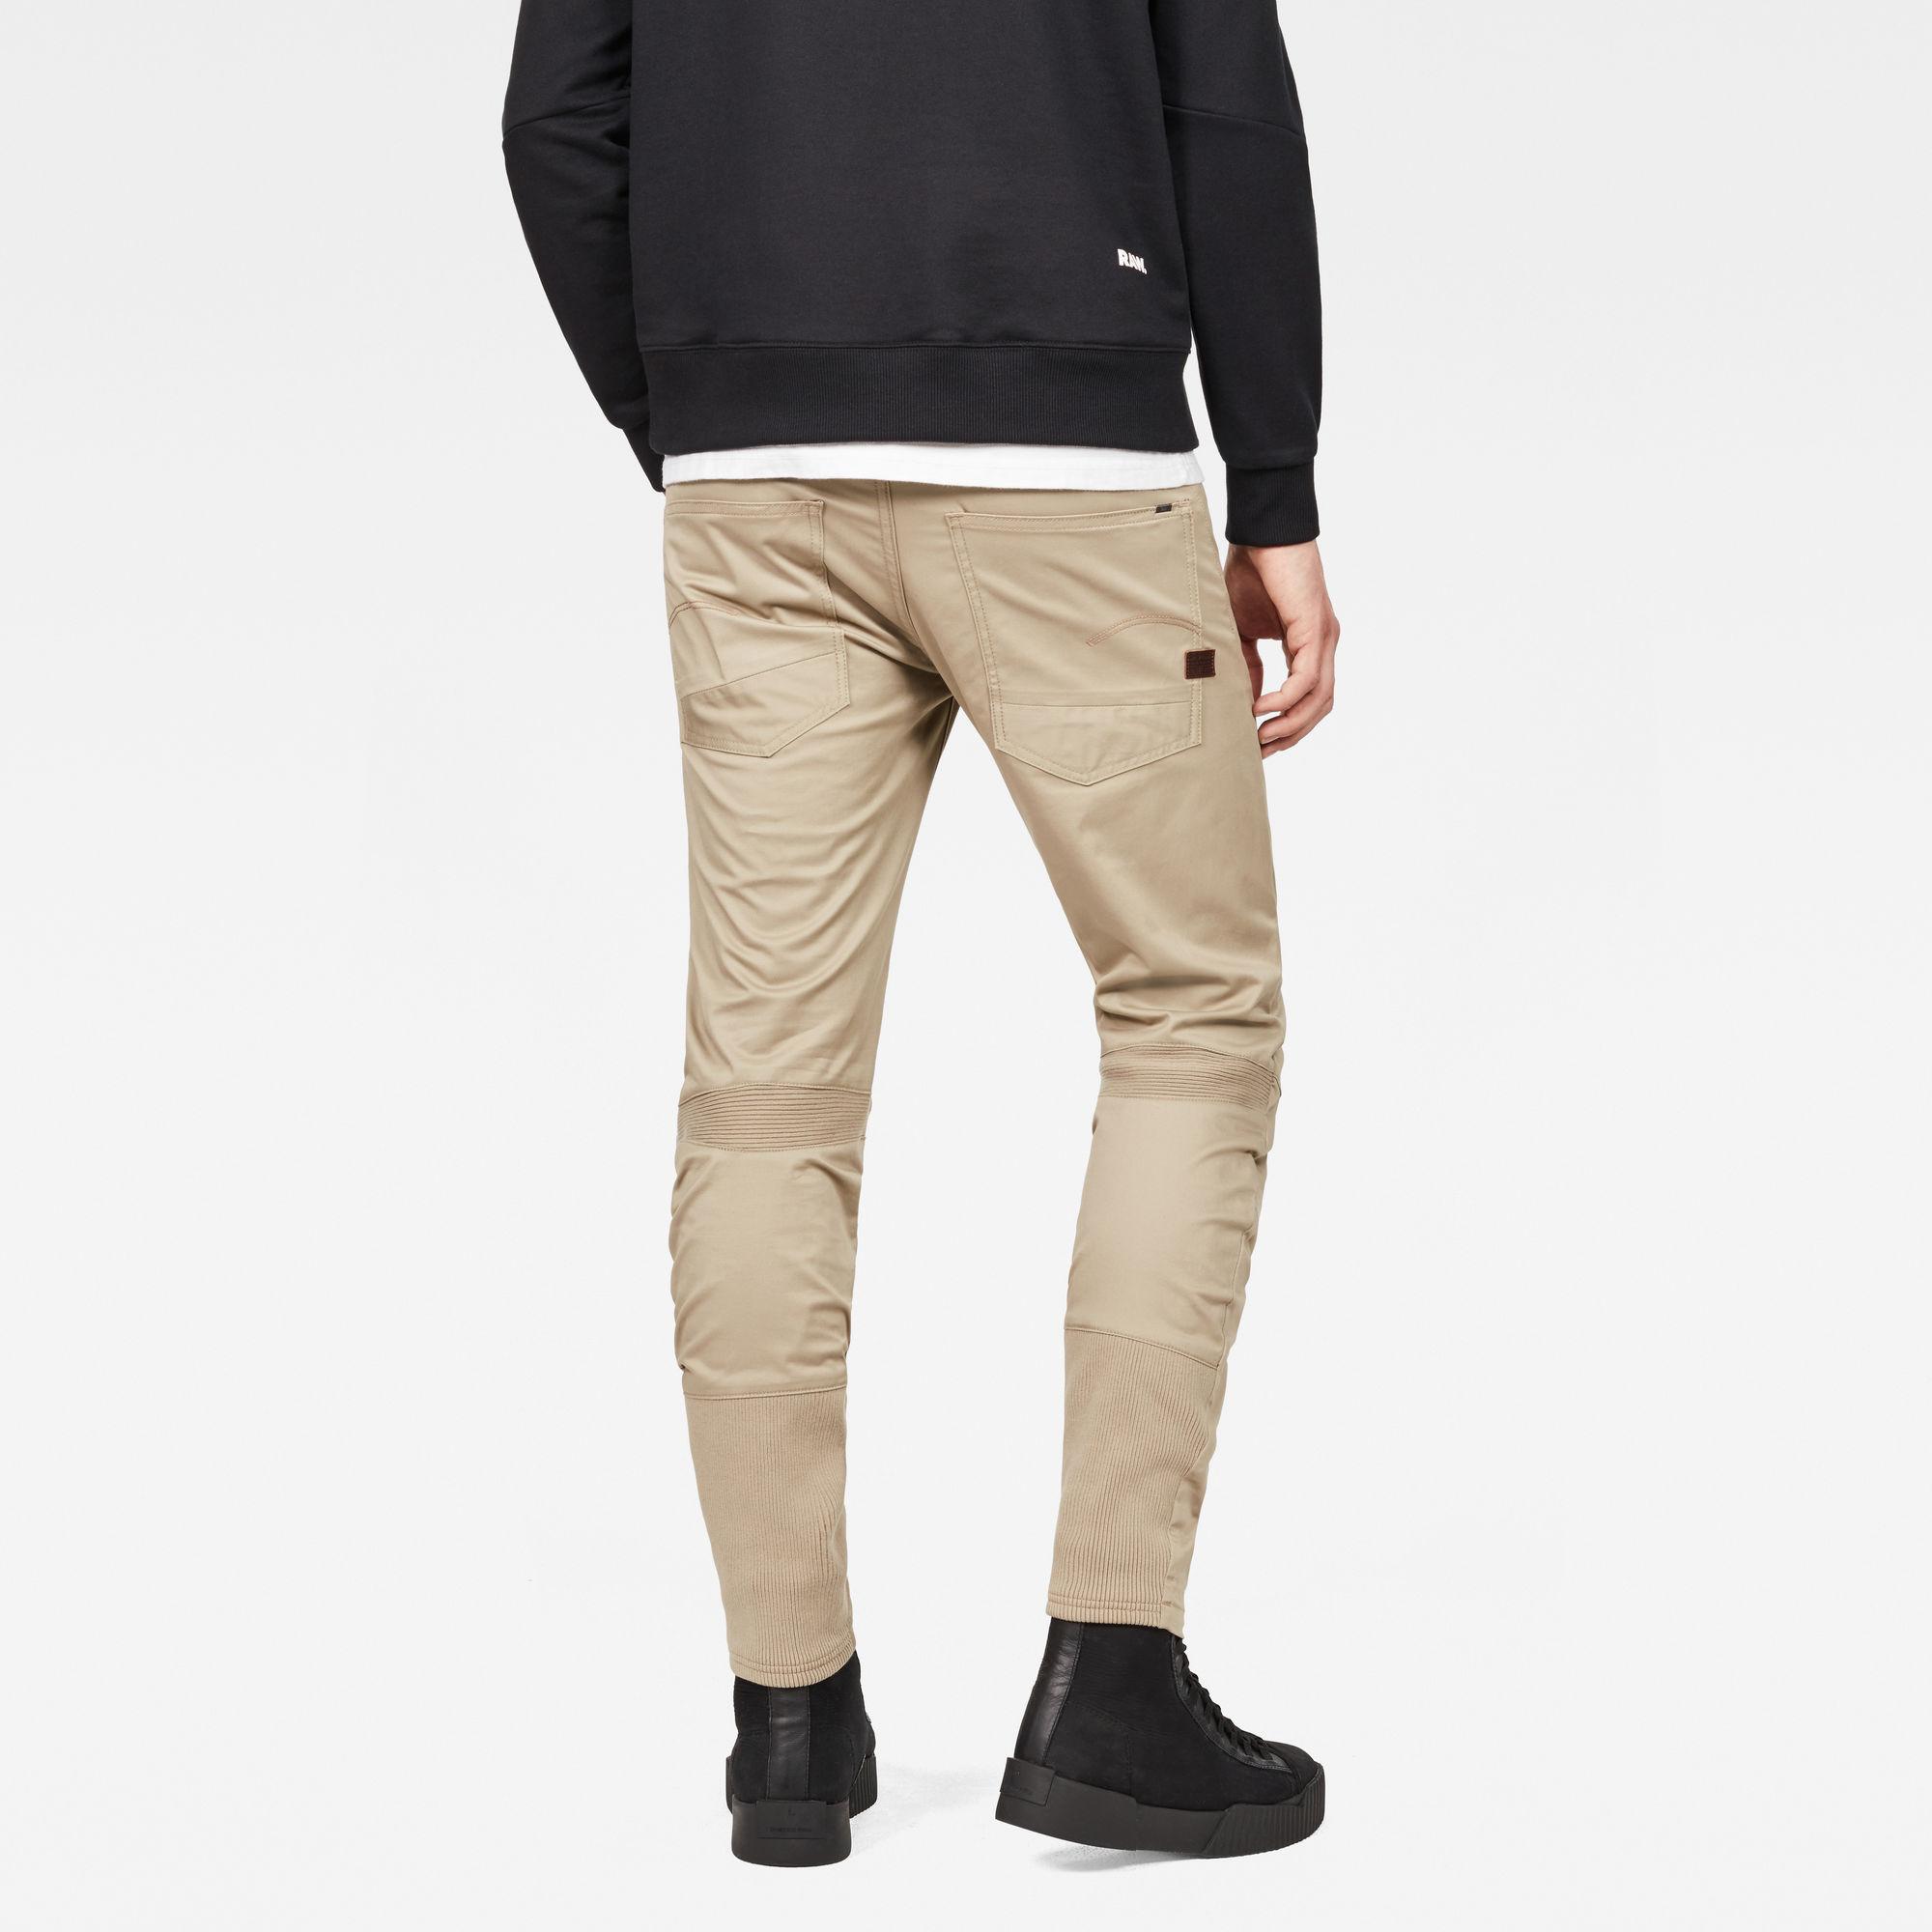 Motac Deconstructed 3D Slim Pant